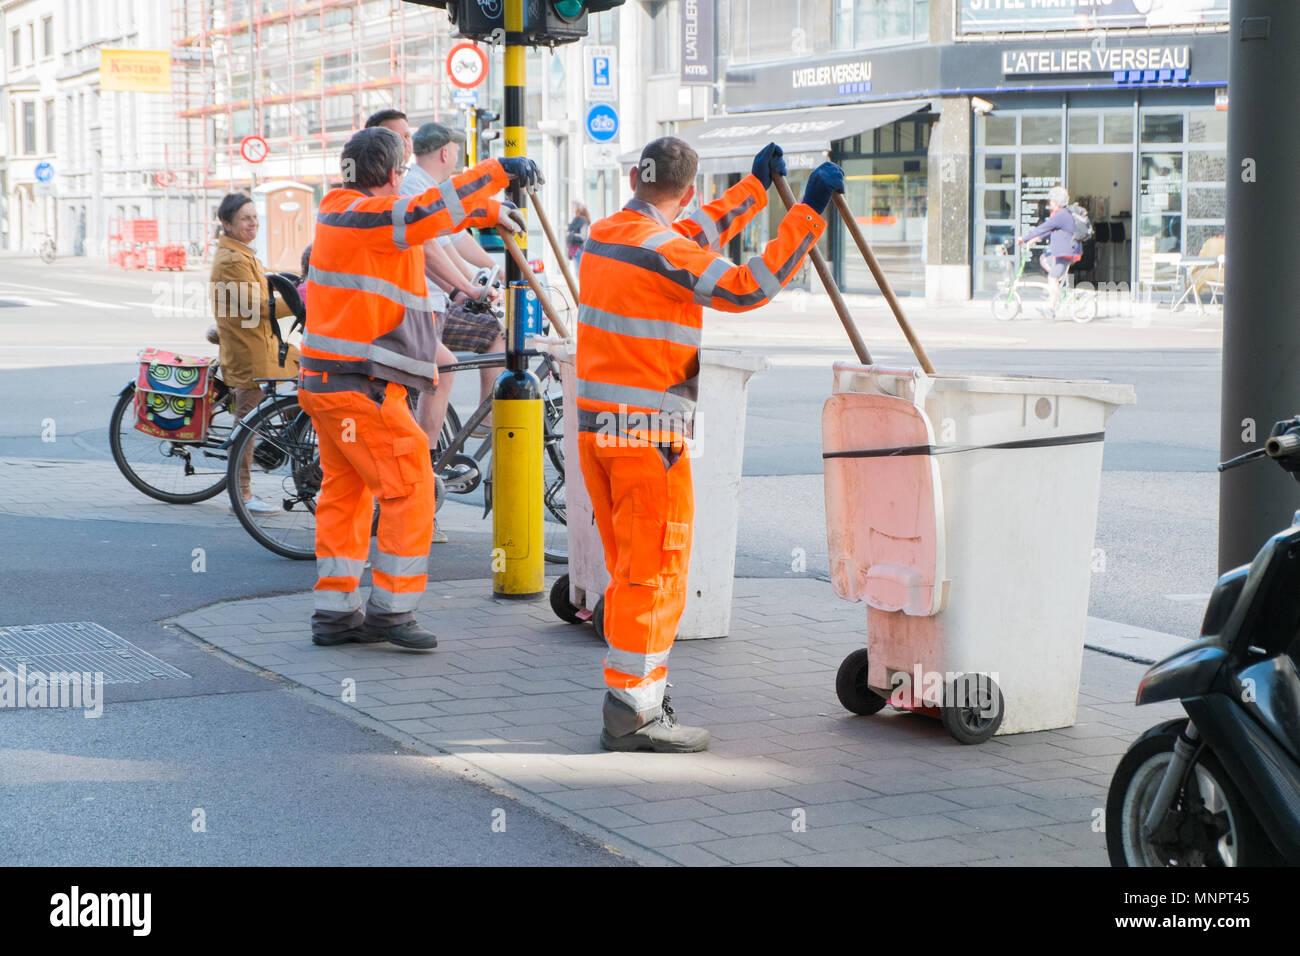 garbage collectors crossing street in antwerp, belgium Stock Photo